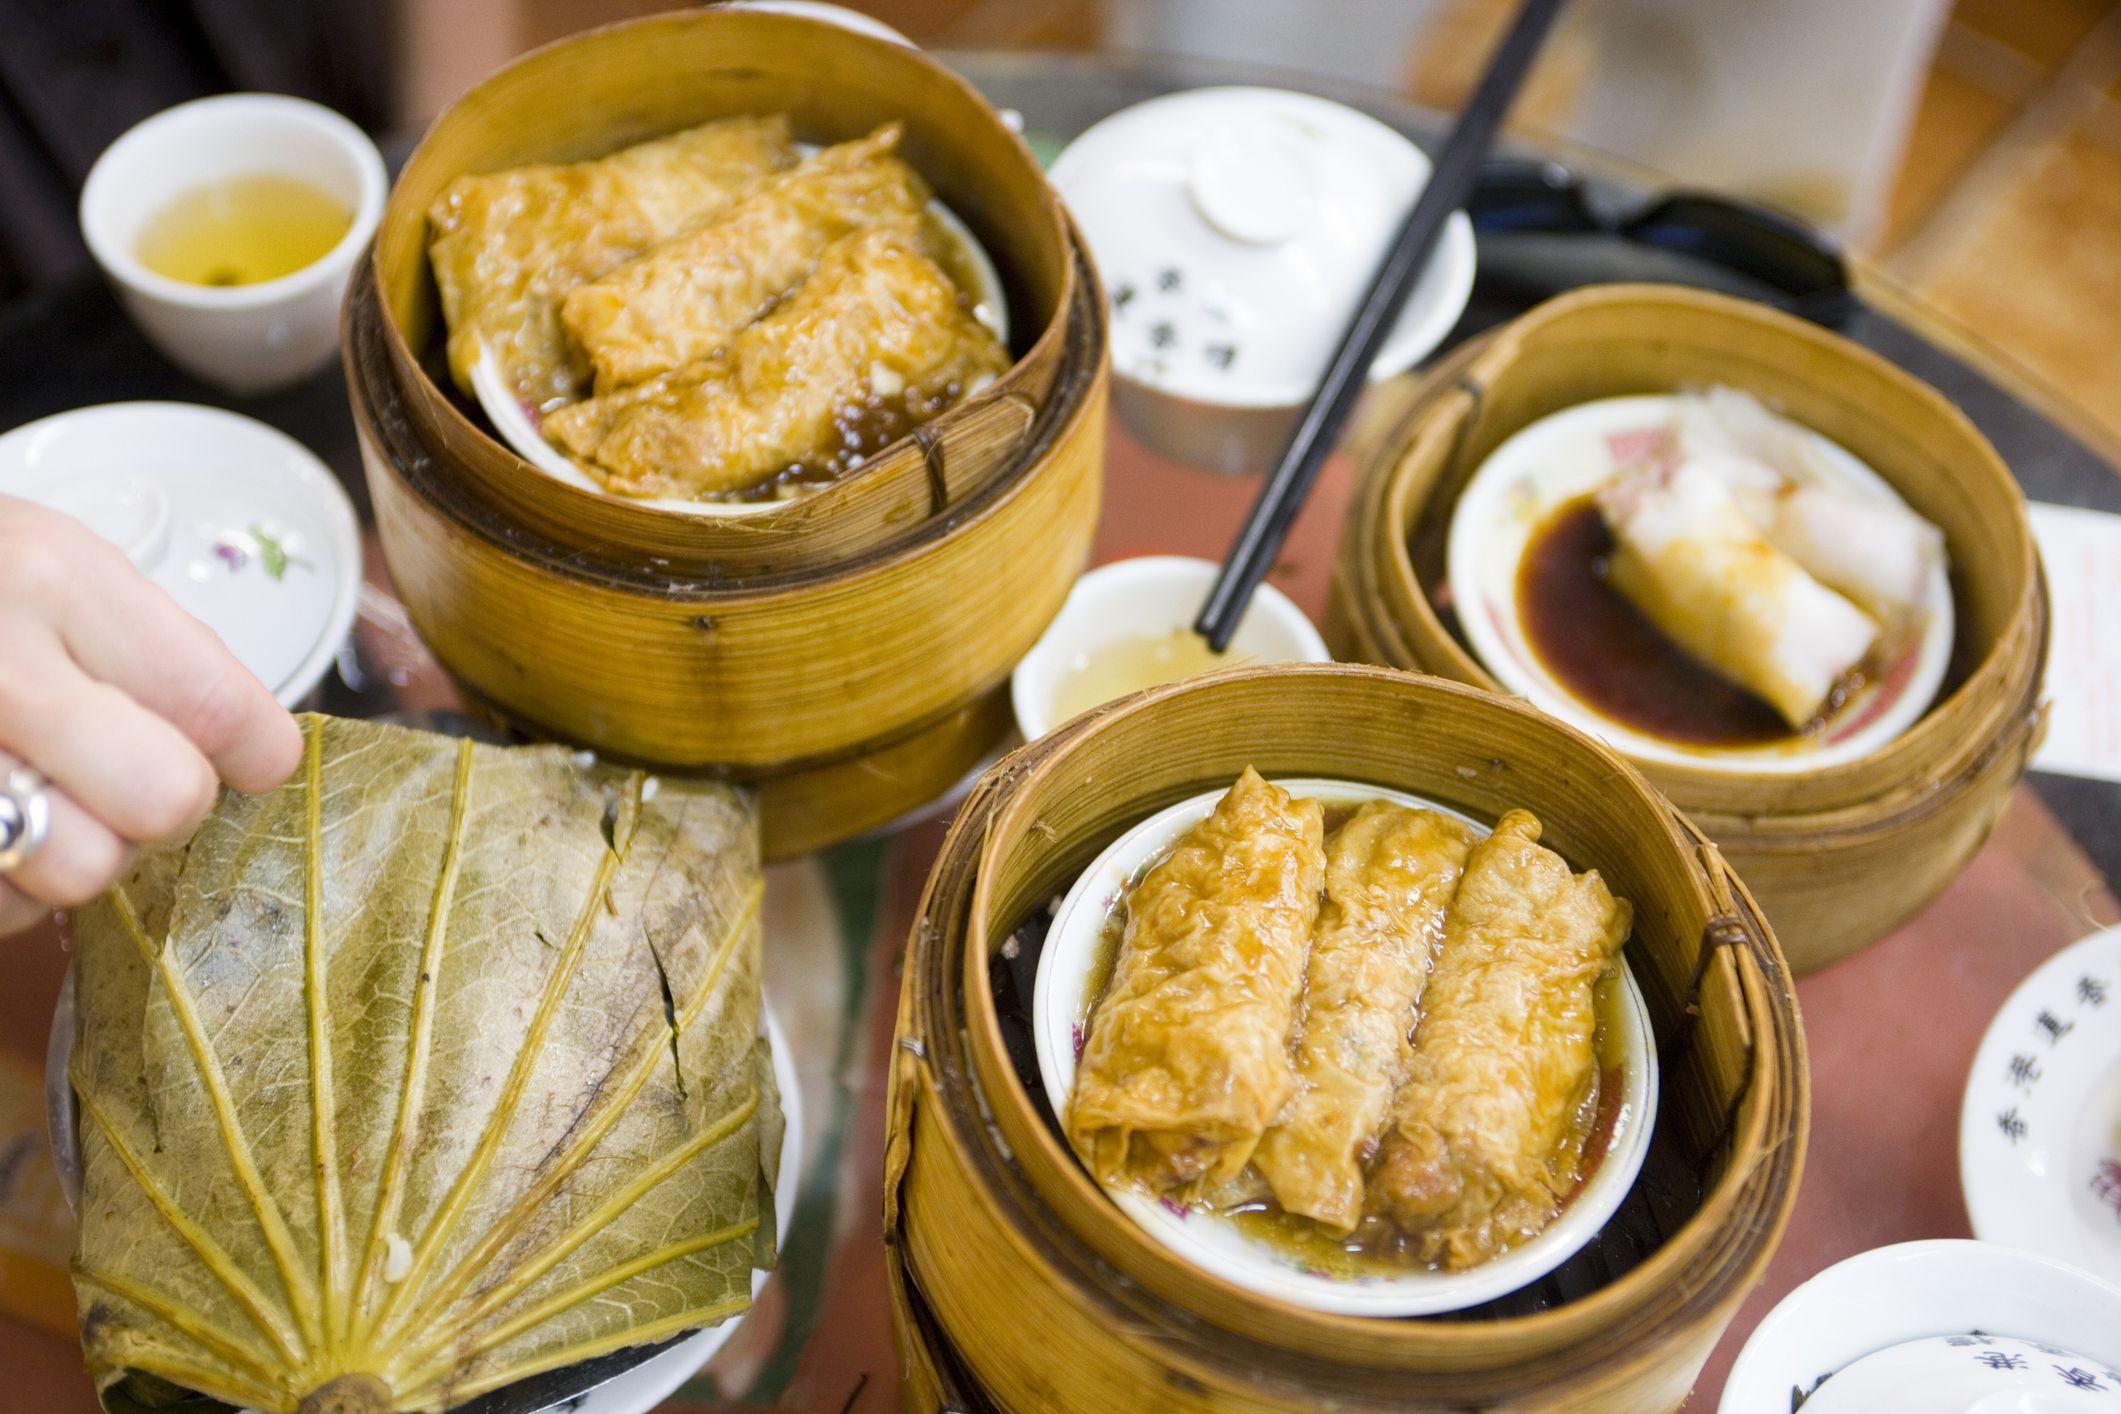 eating chinese yum cha in australia